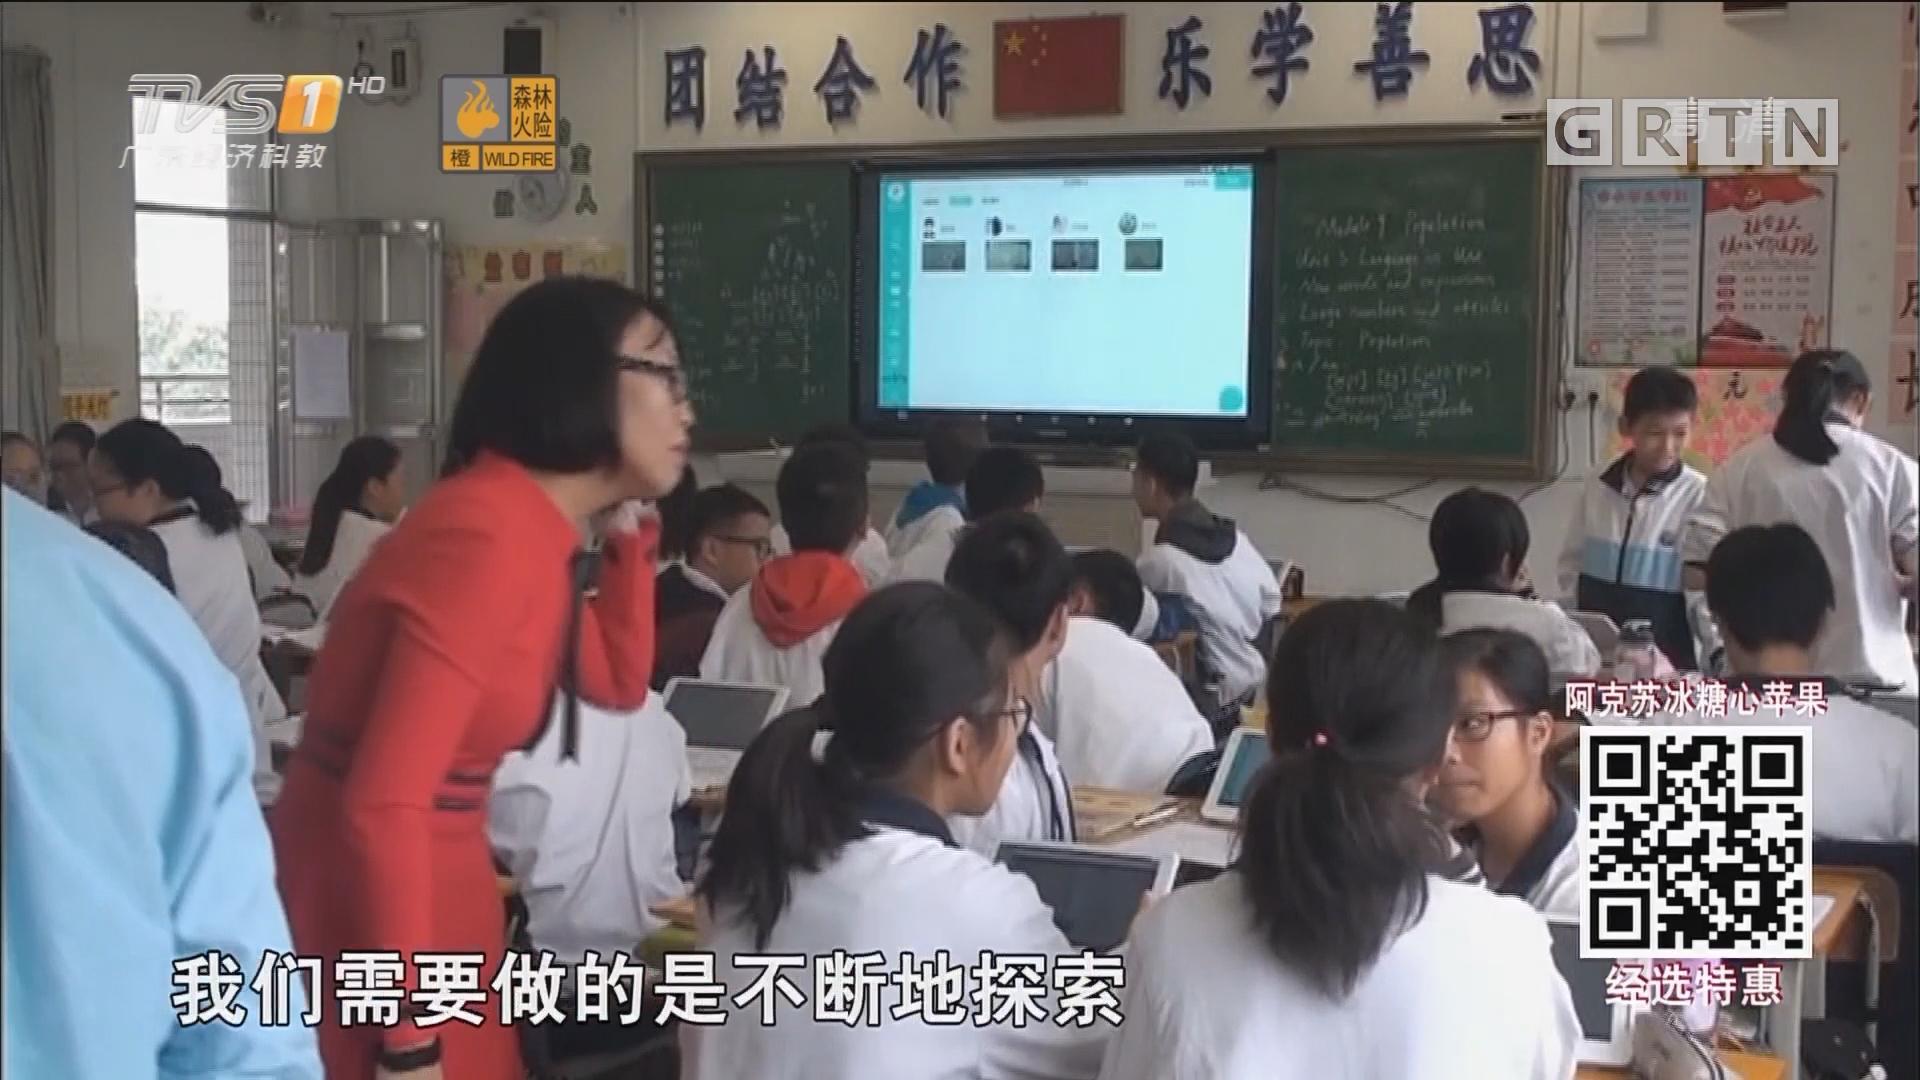 佛山中小学试水互联网教学平台